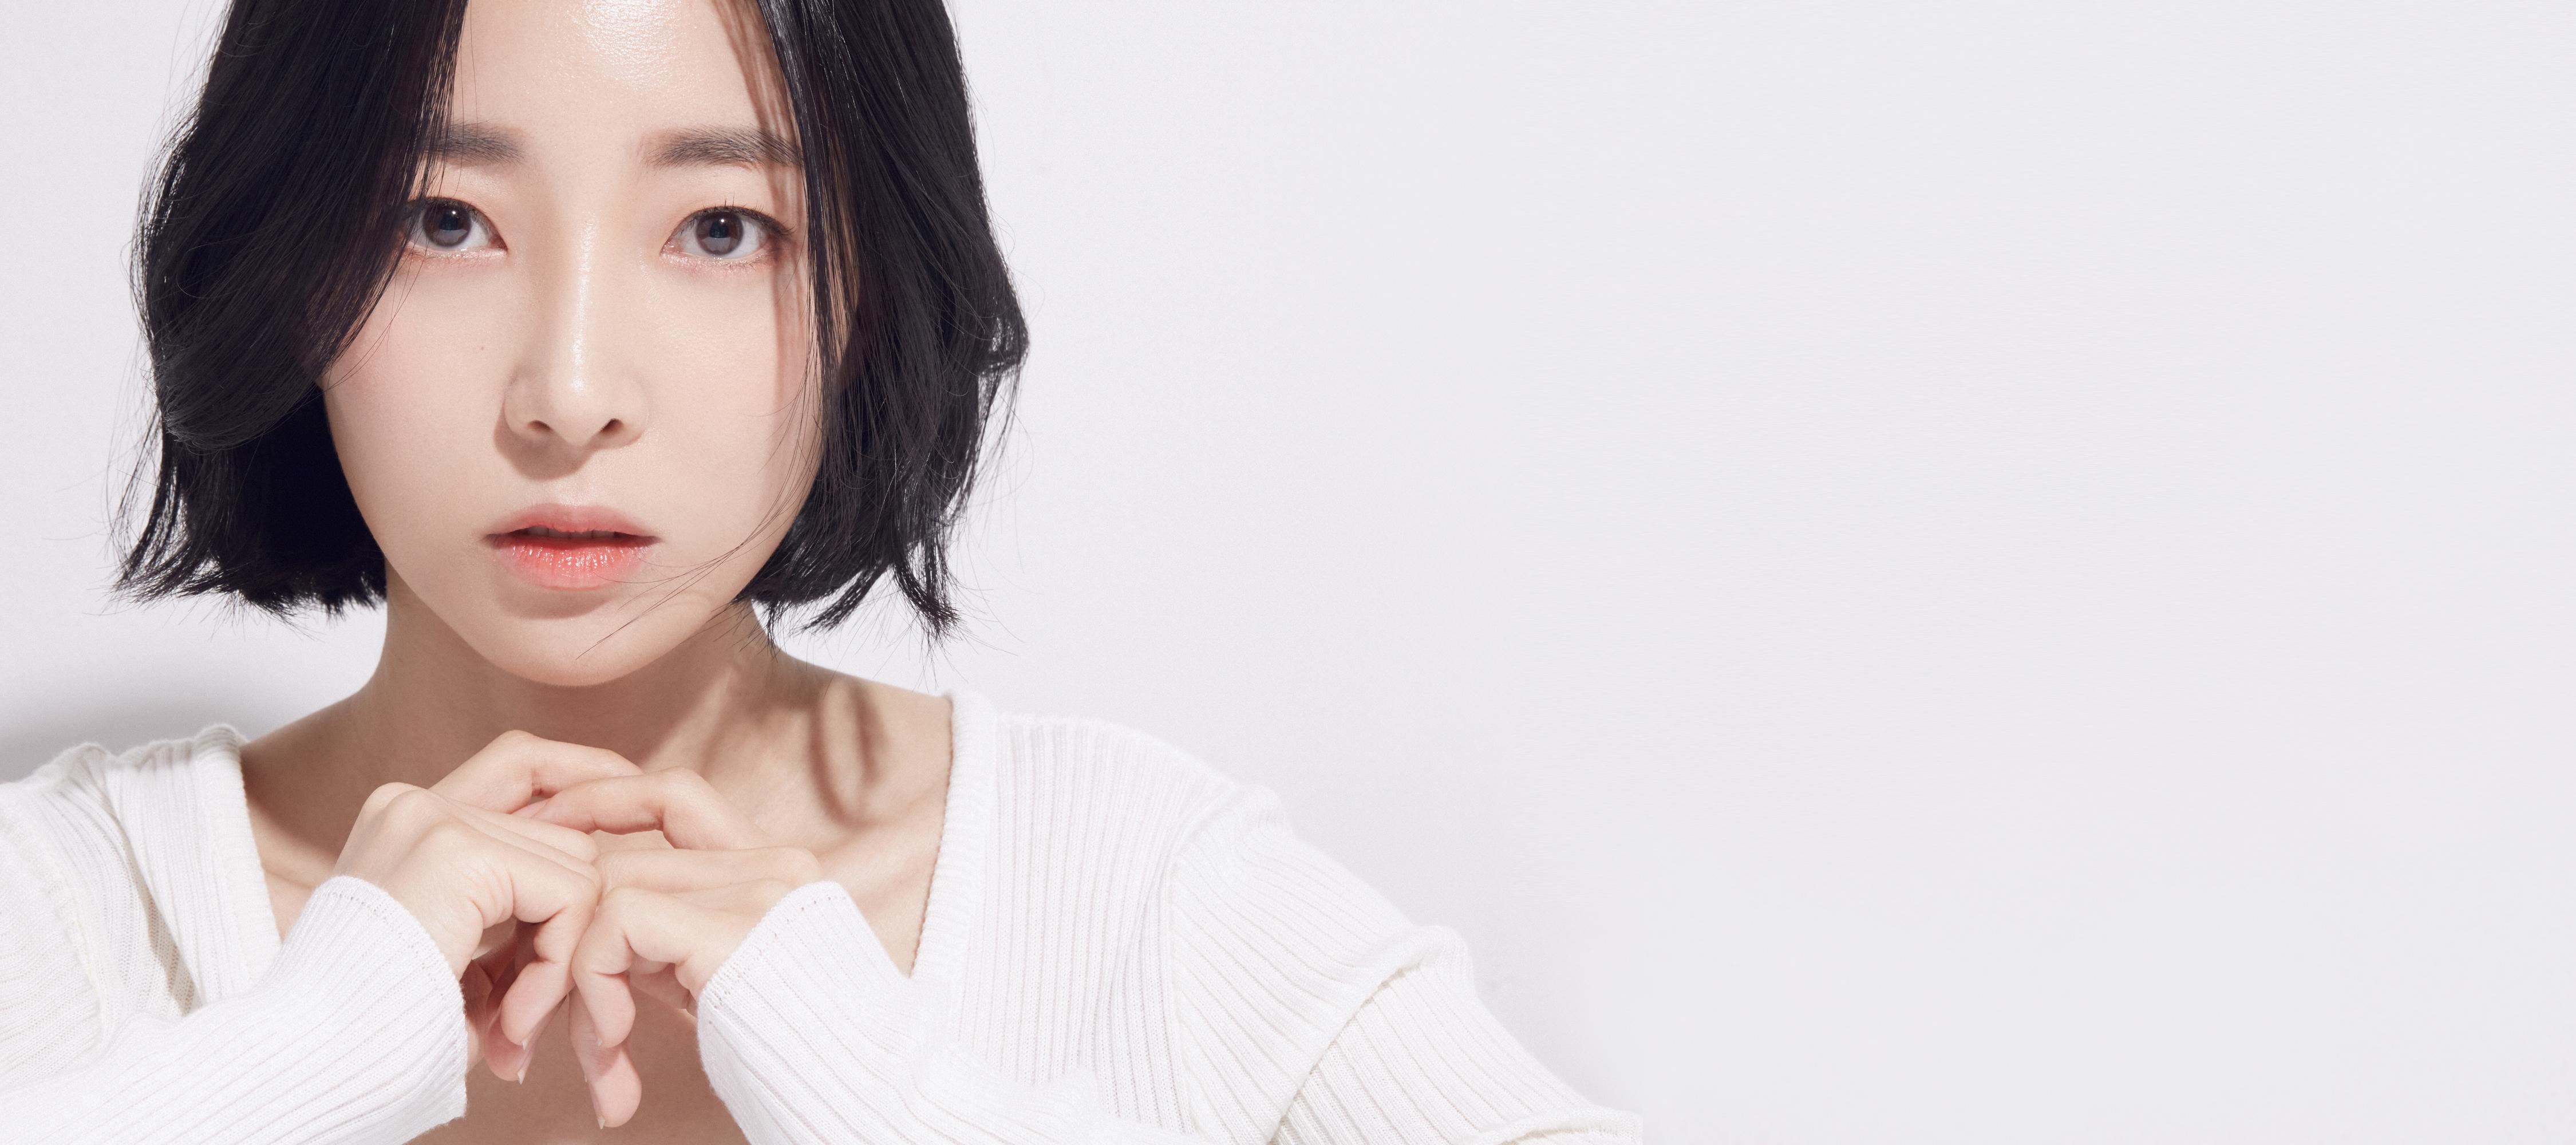 김그림 메인 슬라이드